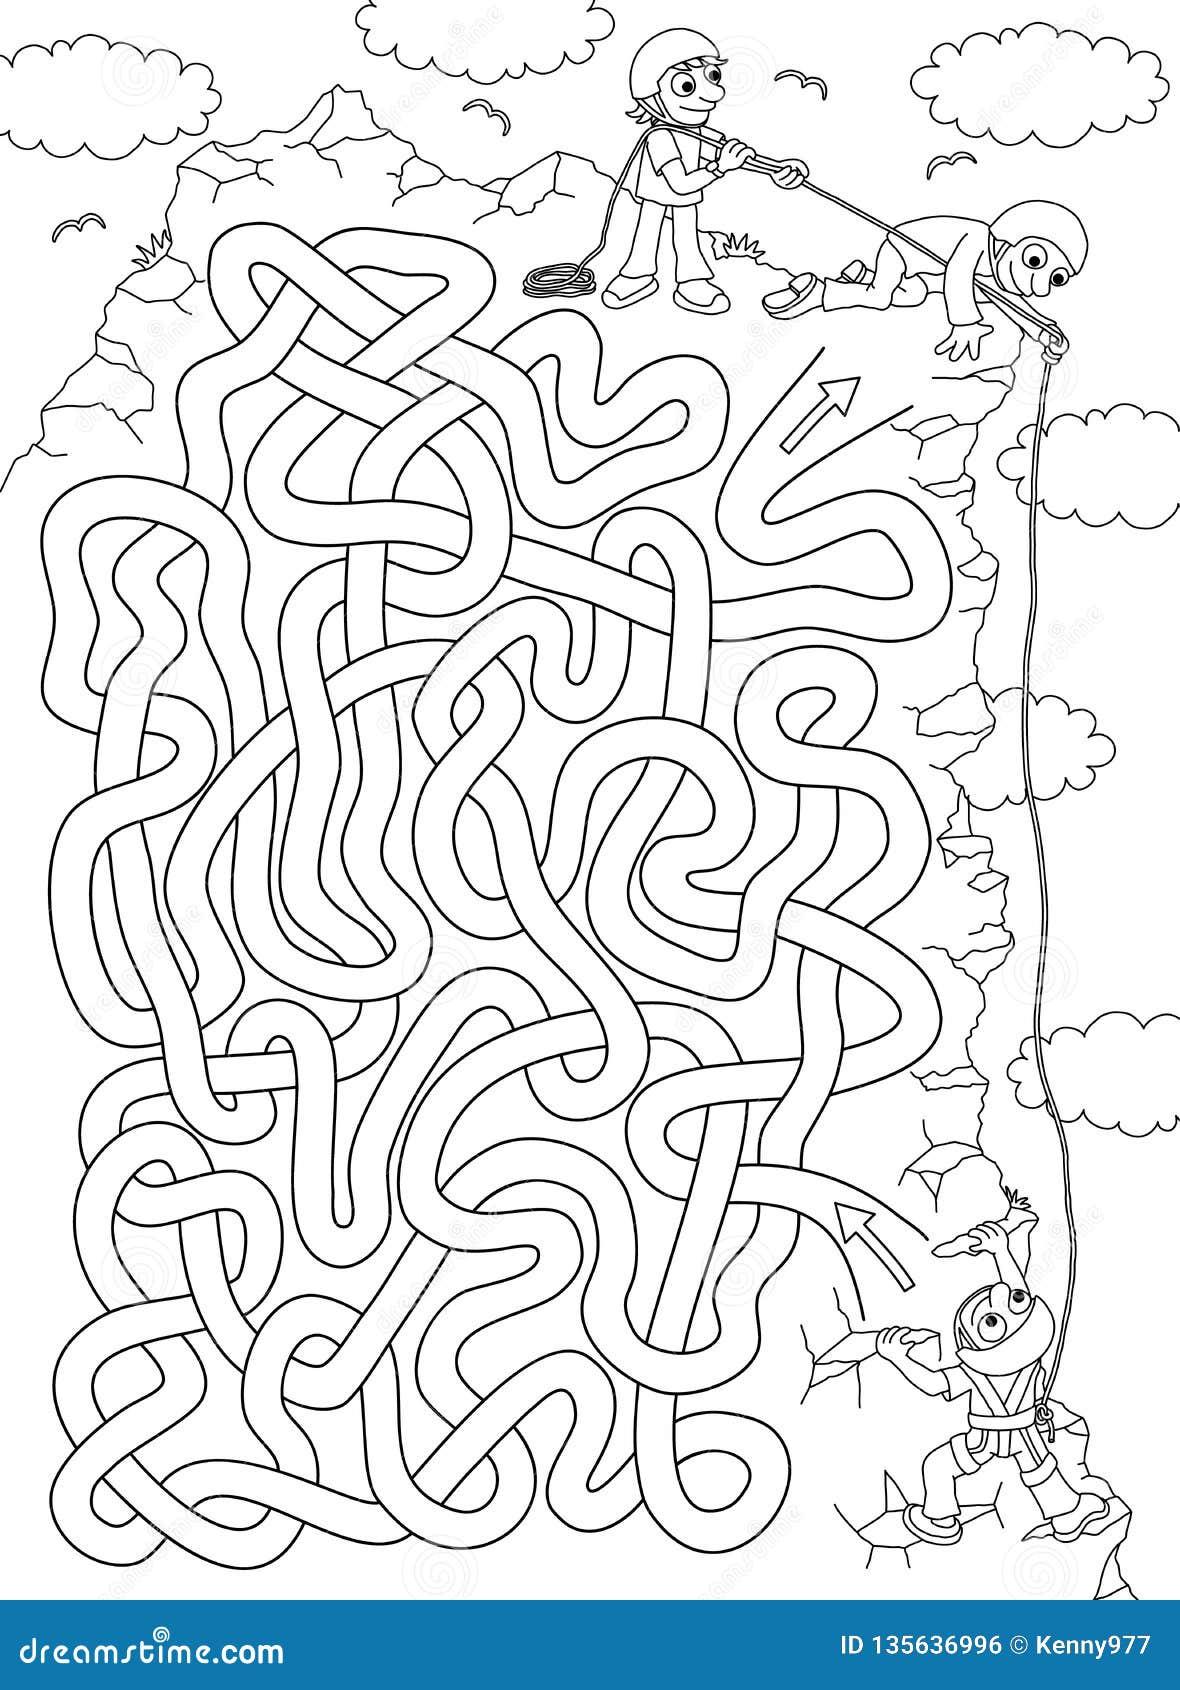 Klättrare - labyrint för ungar